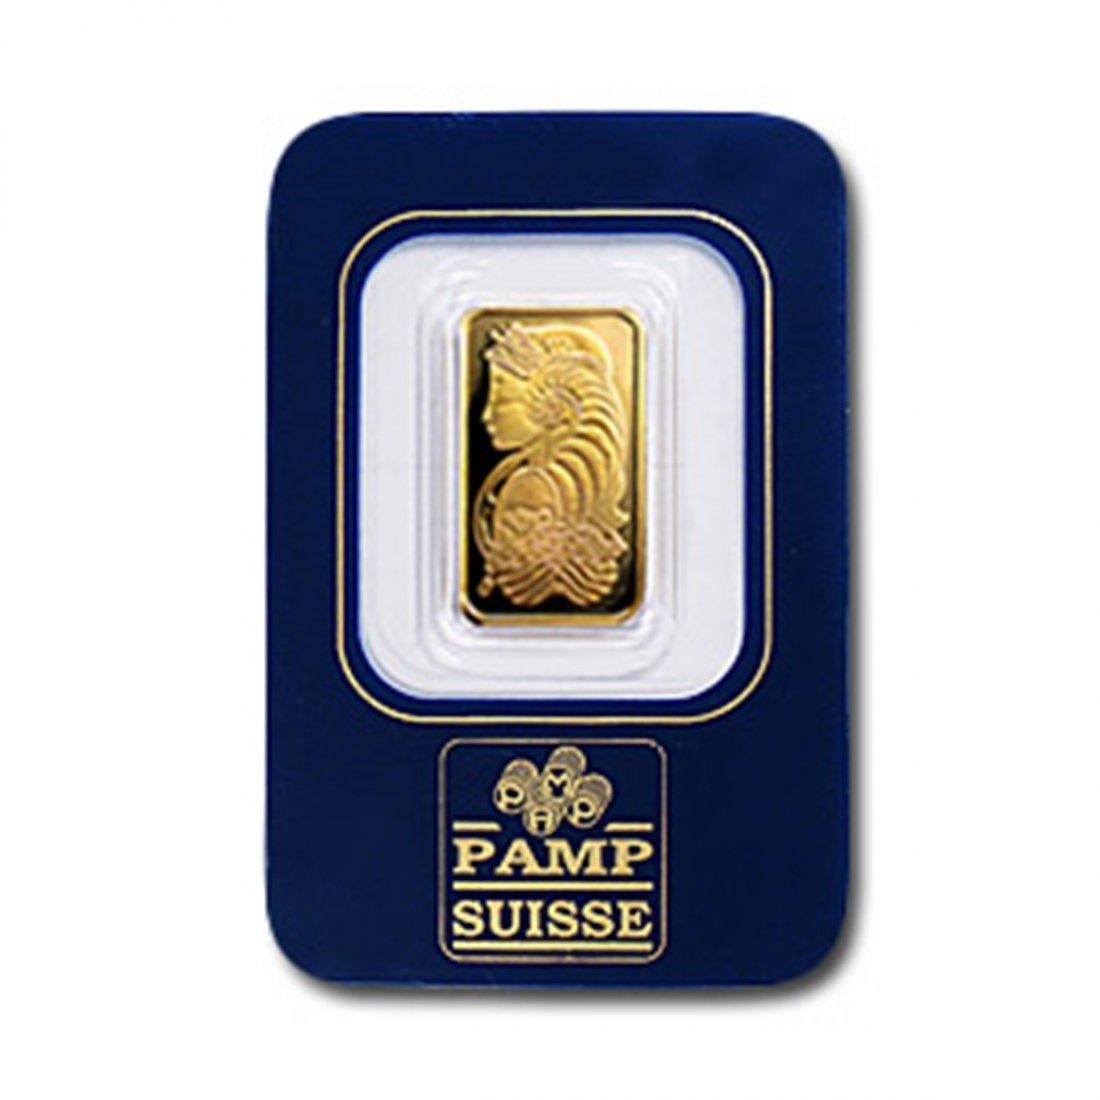 PAMP 2.5 gram Gold Bar 999.9 with Assay Cert.